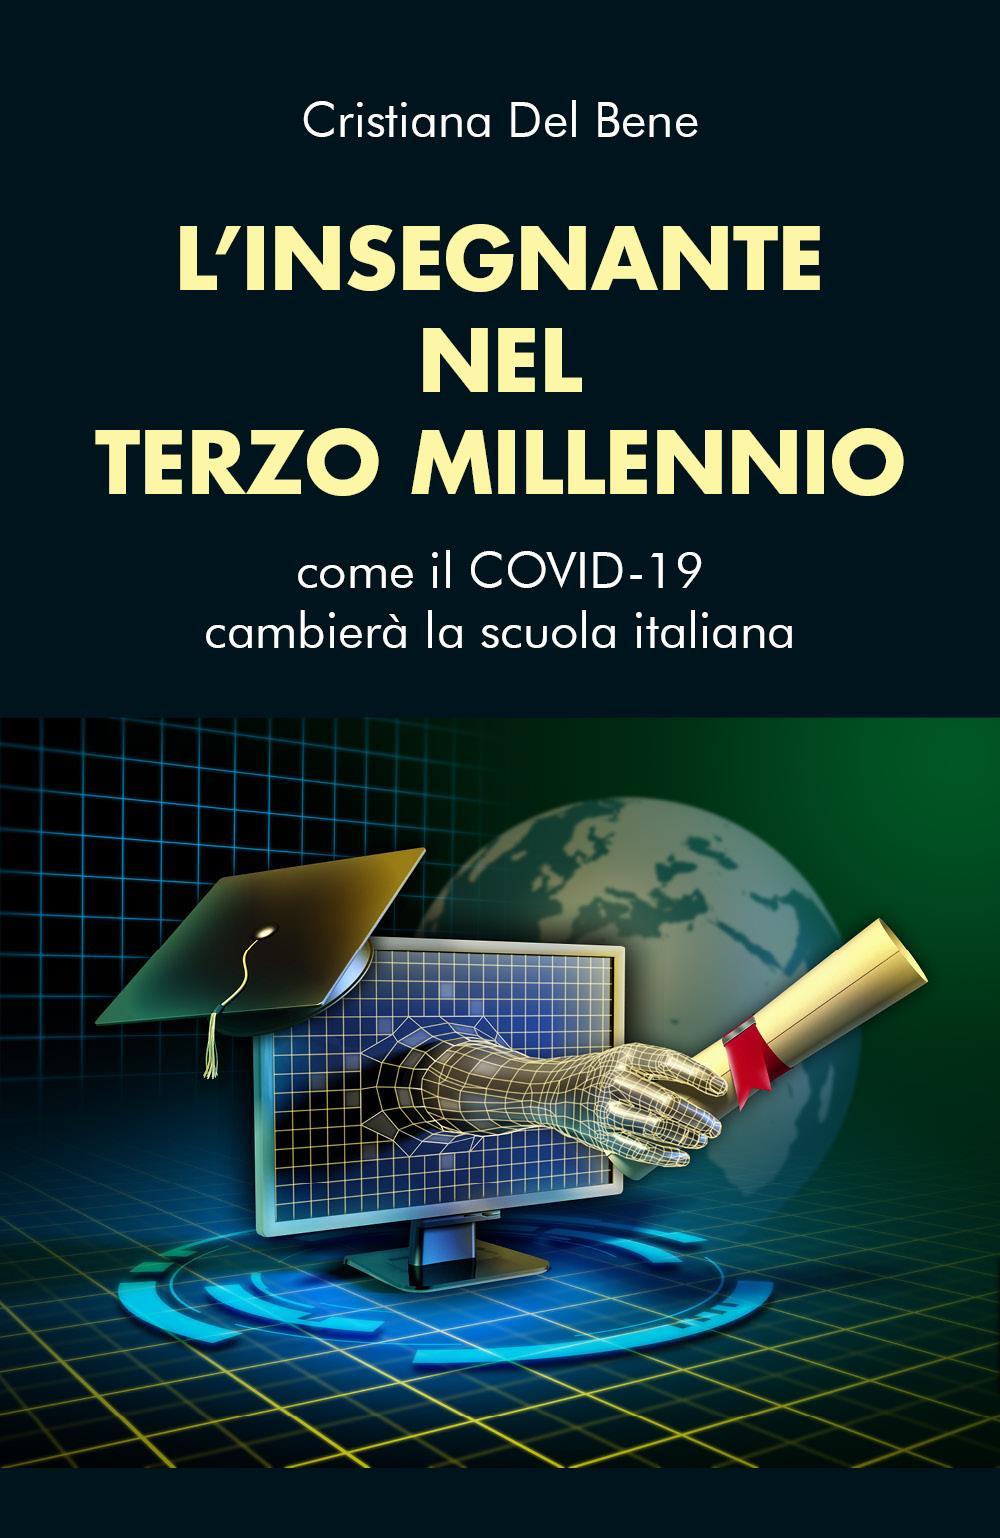 L'insegnante nel Terzo millennio. Come il Covid-19 cambierà la scuola italiana